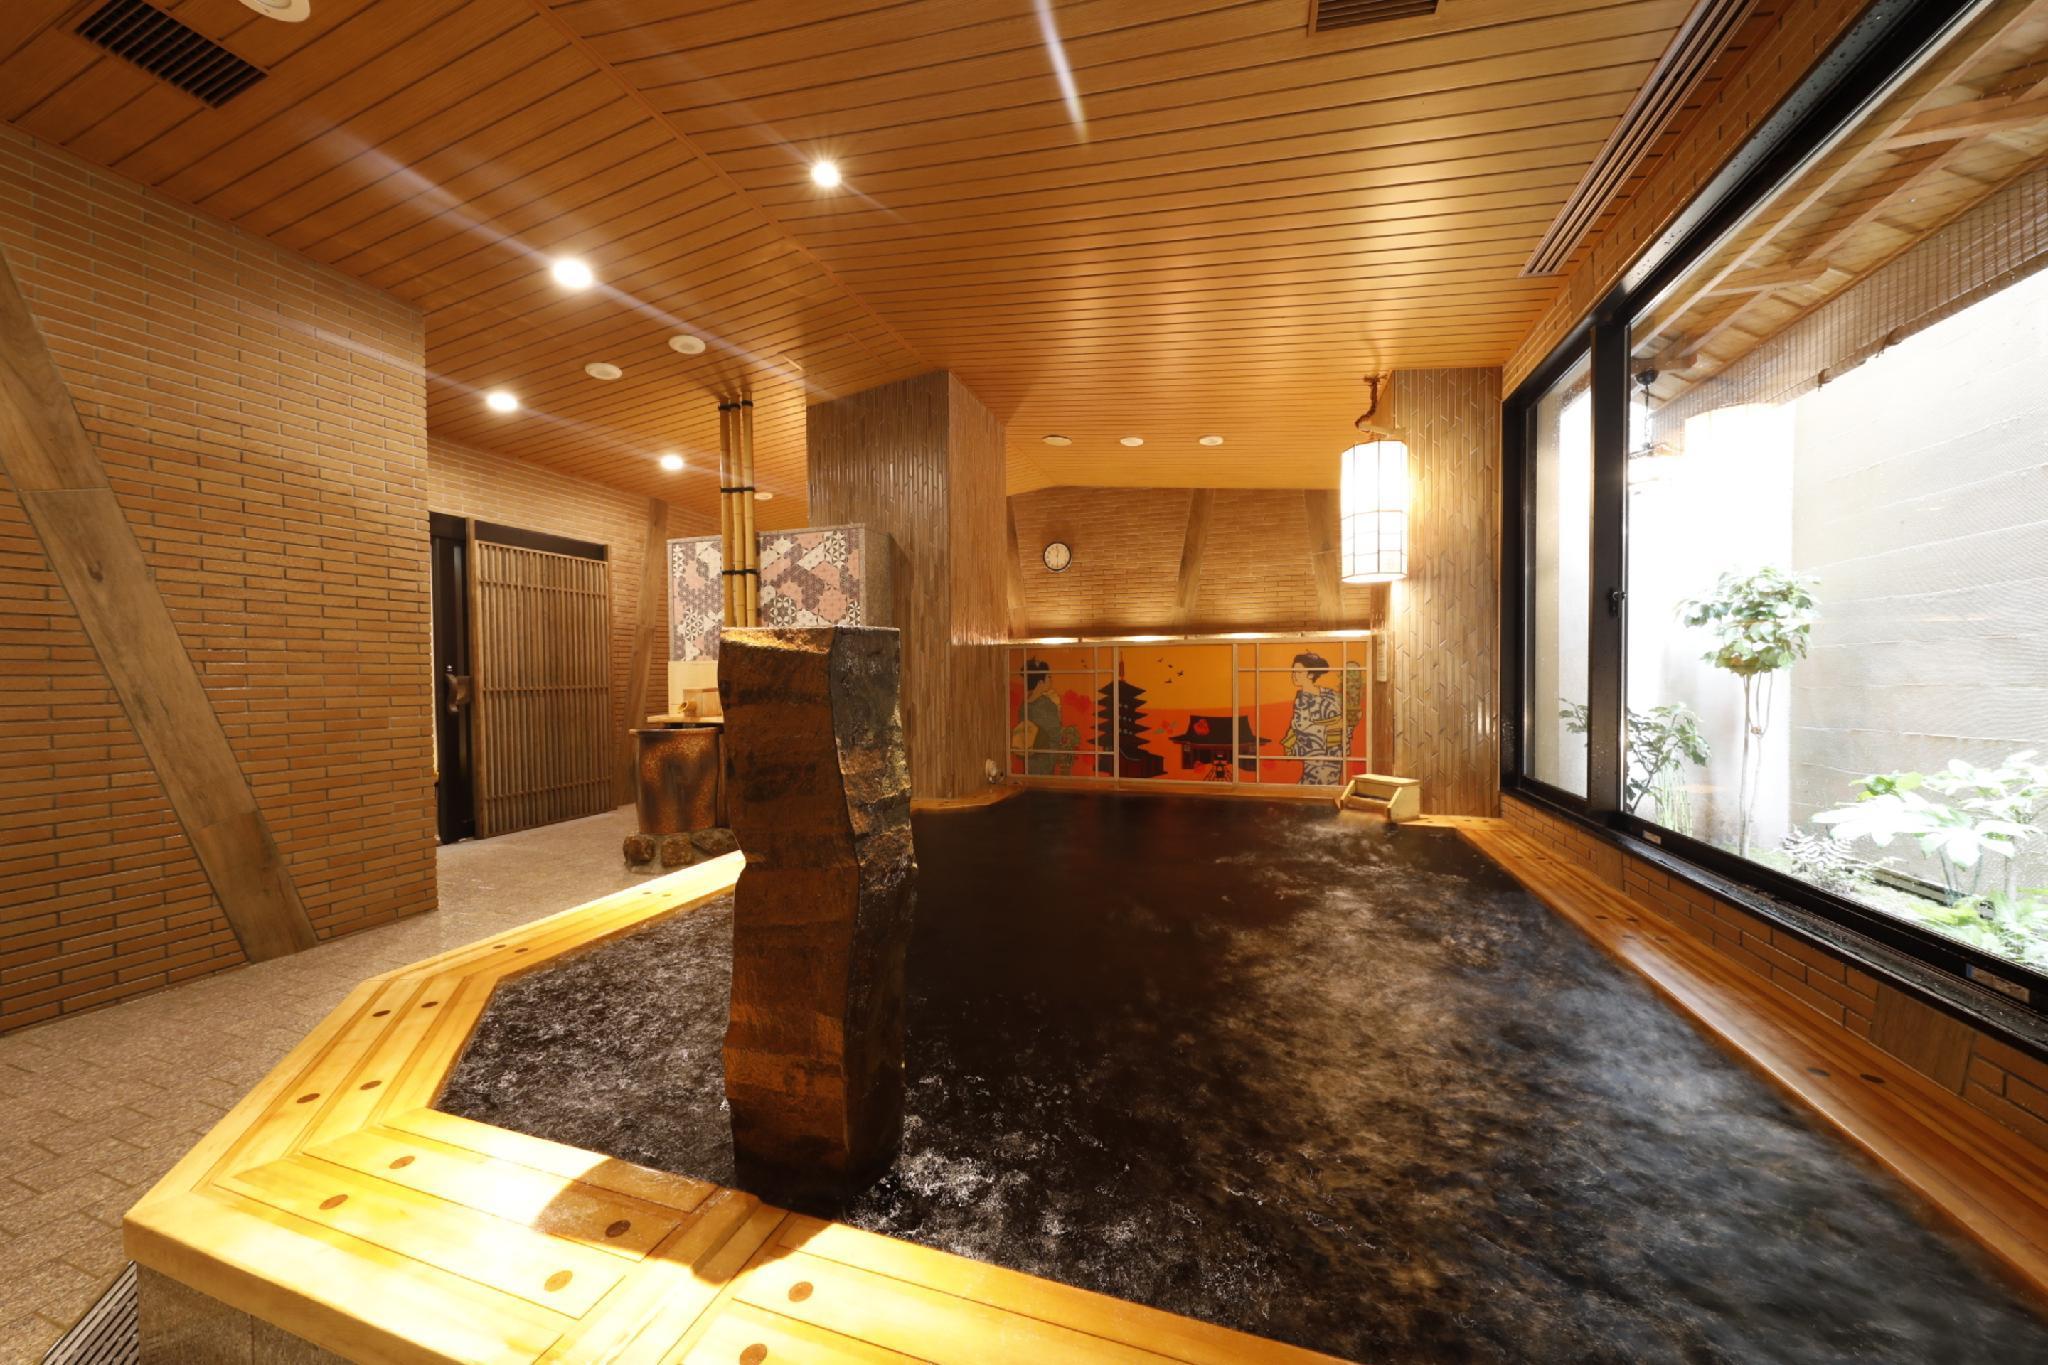 Onyado Nono Asakusa Hot Springs